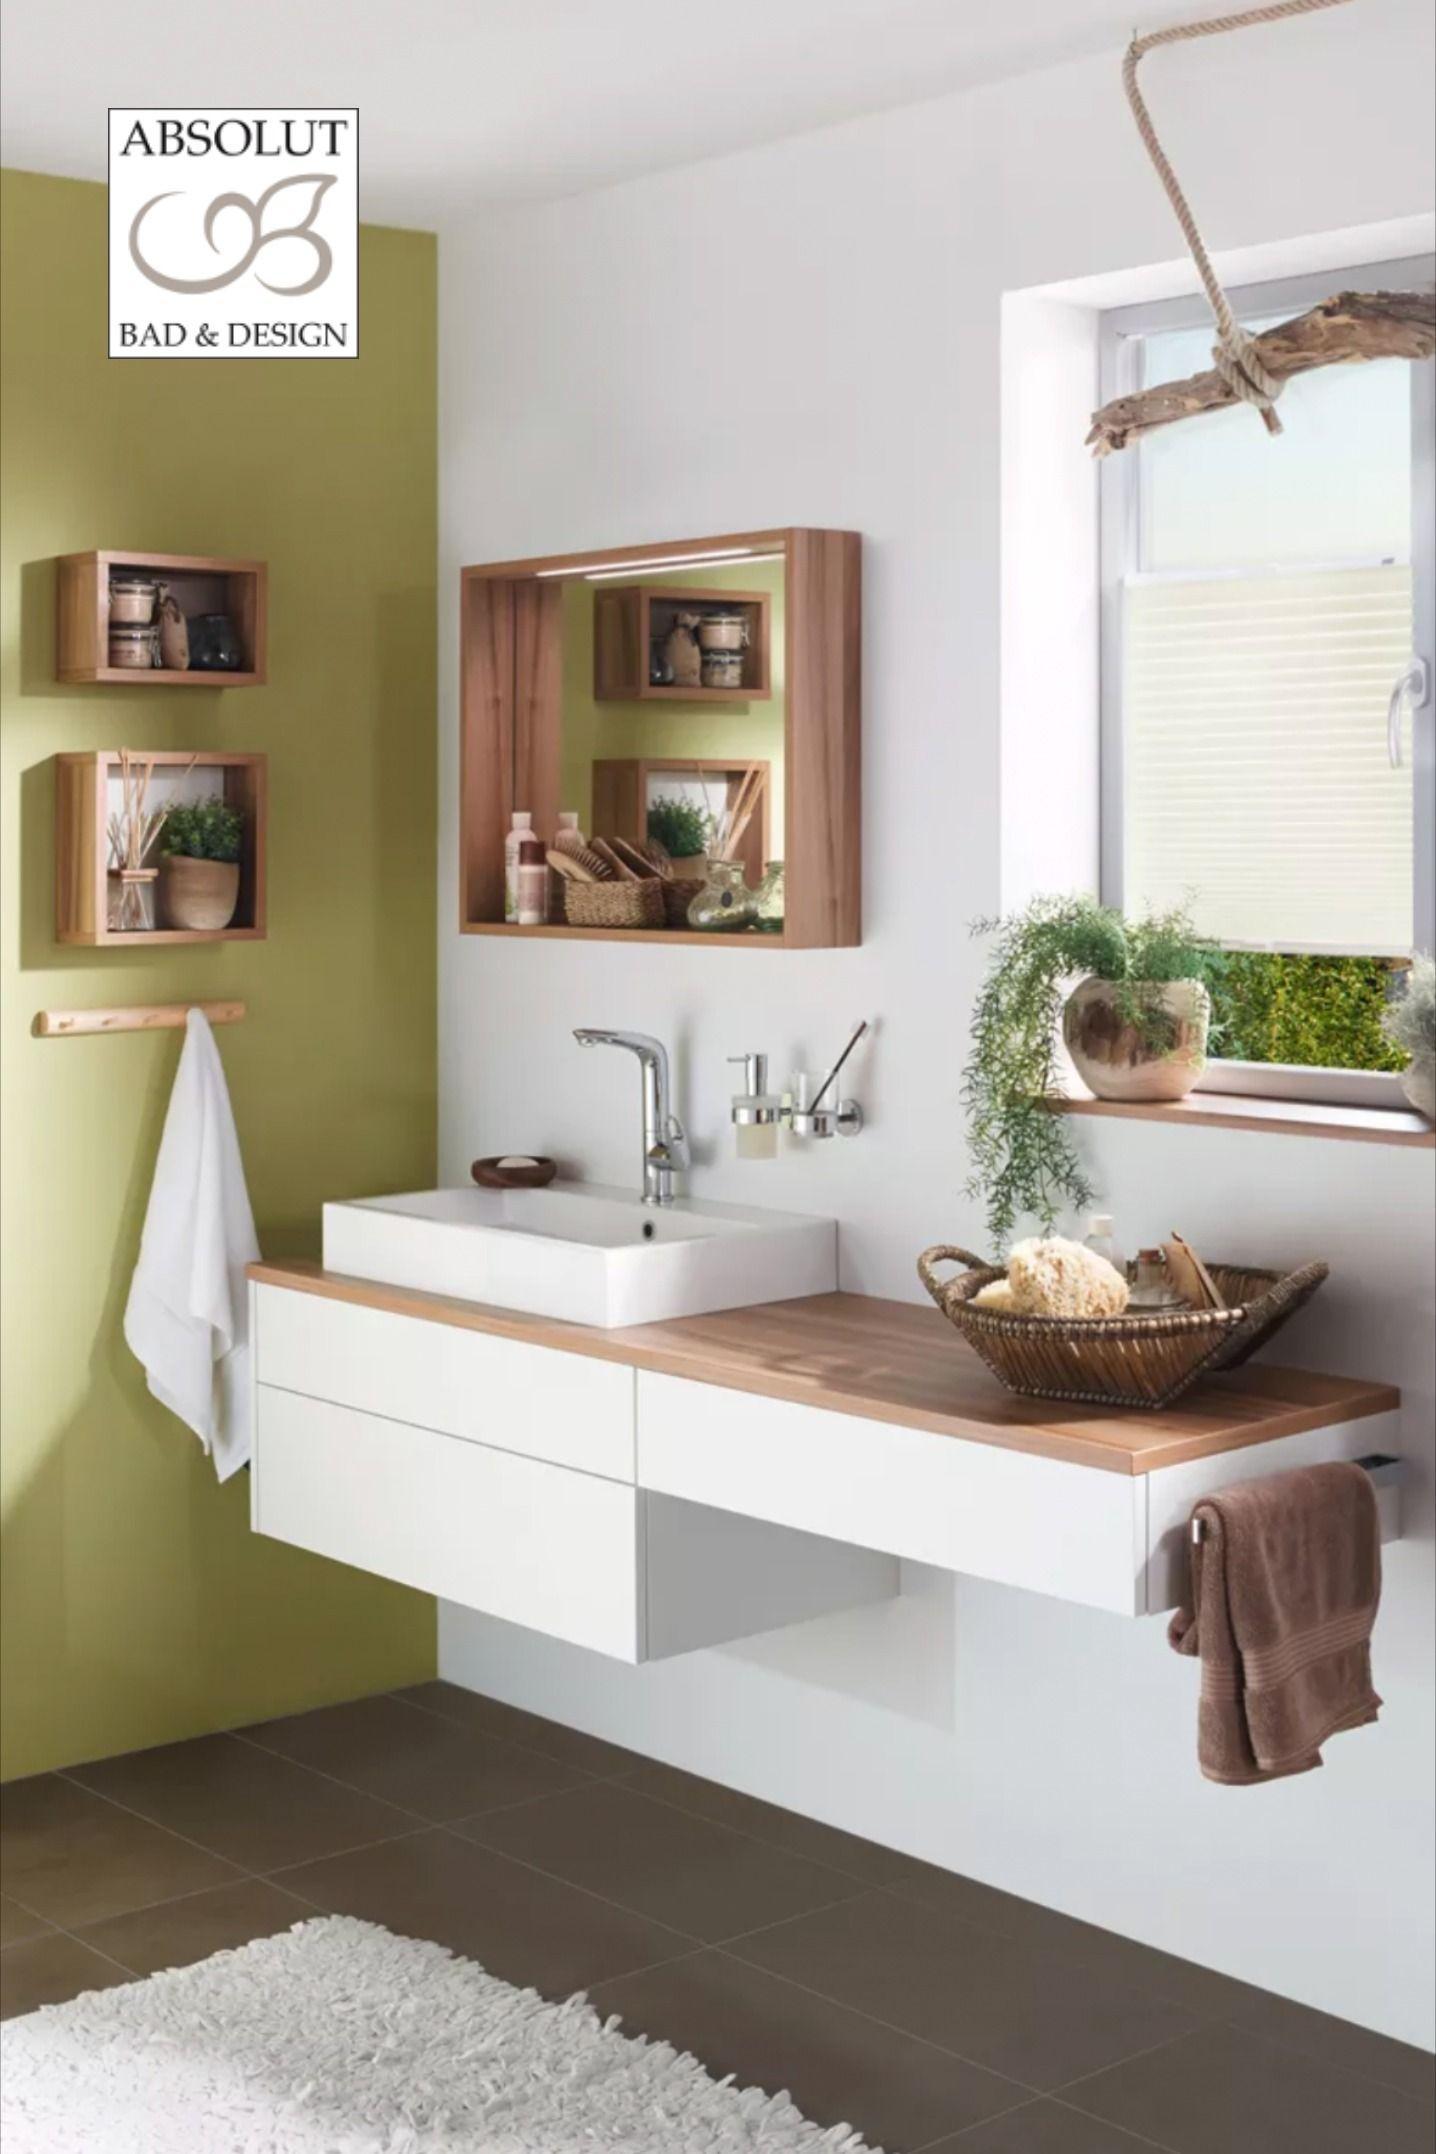 Badezimmer In 2020 Badezimmer Set Badezimmer Und Badezimmer Kaufen